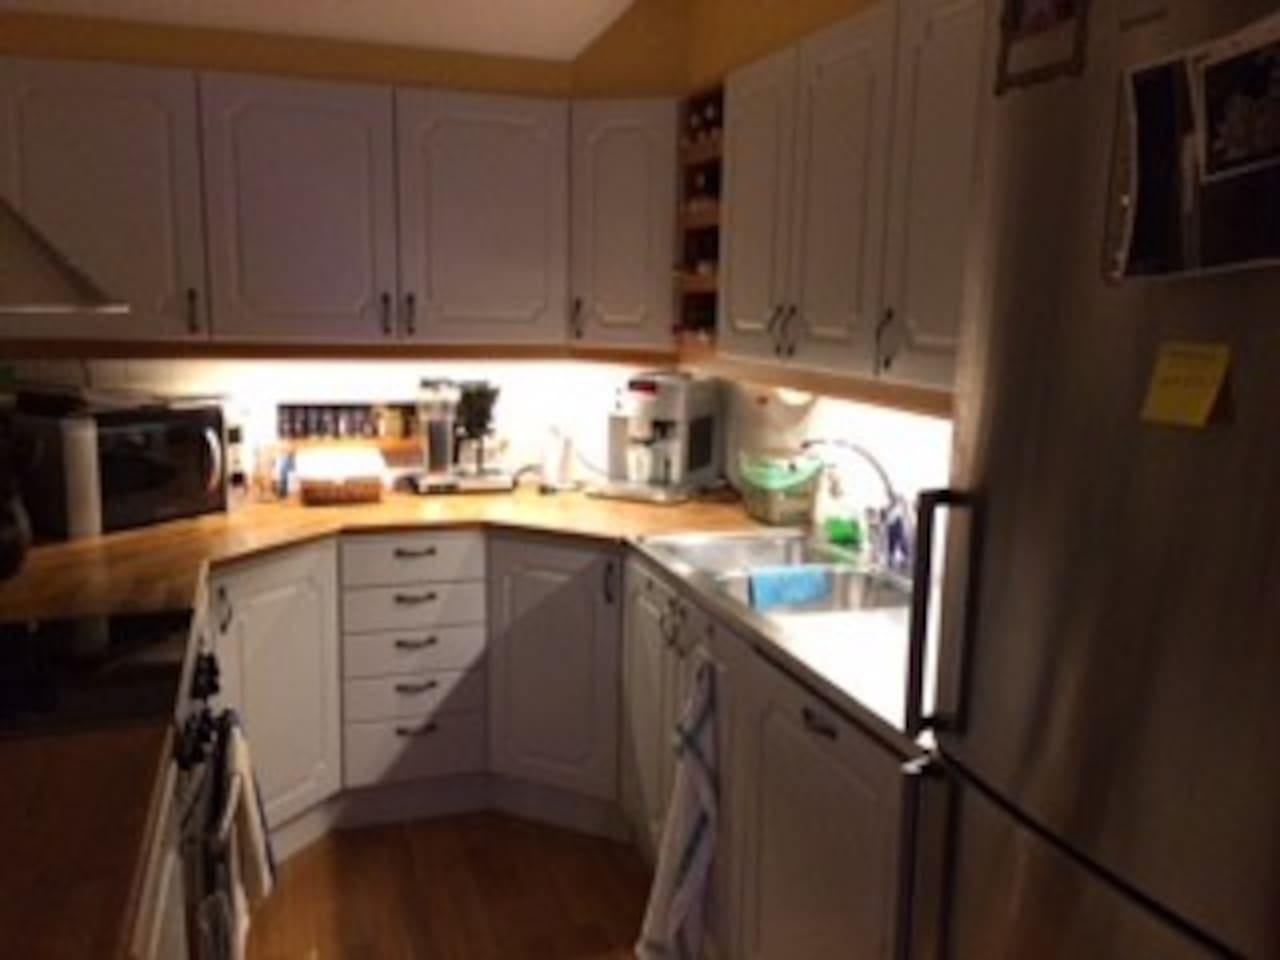 Trevligt fullt utrustat kök med sittplatser för 6 personer